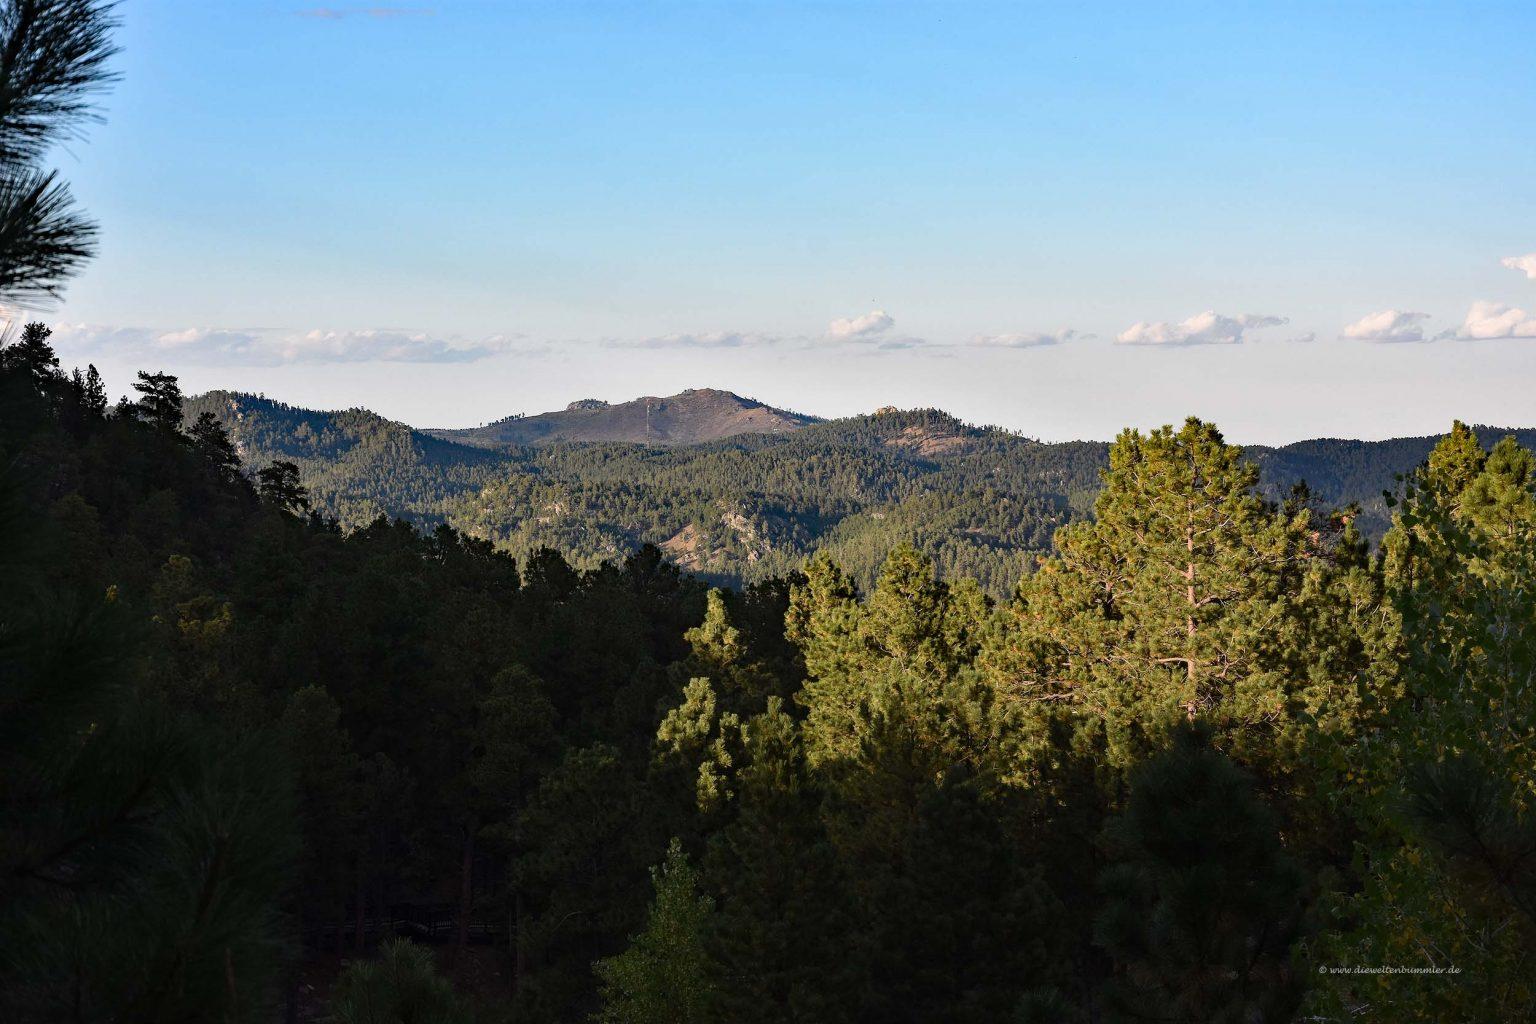 Landschaft rund um Mount Rushmore